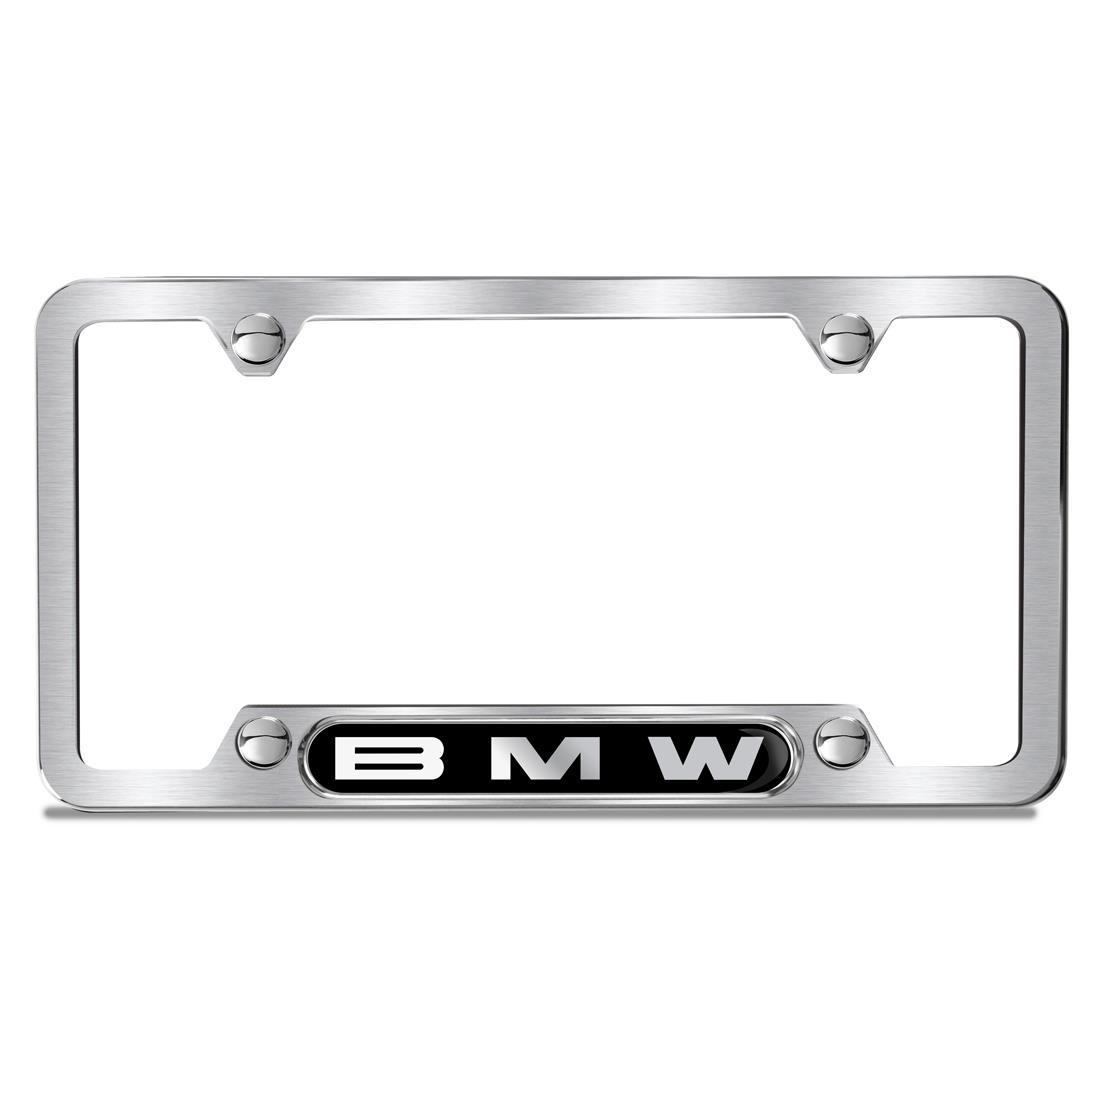 Brushed BMW license plate frame